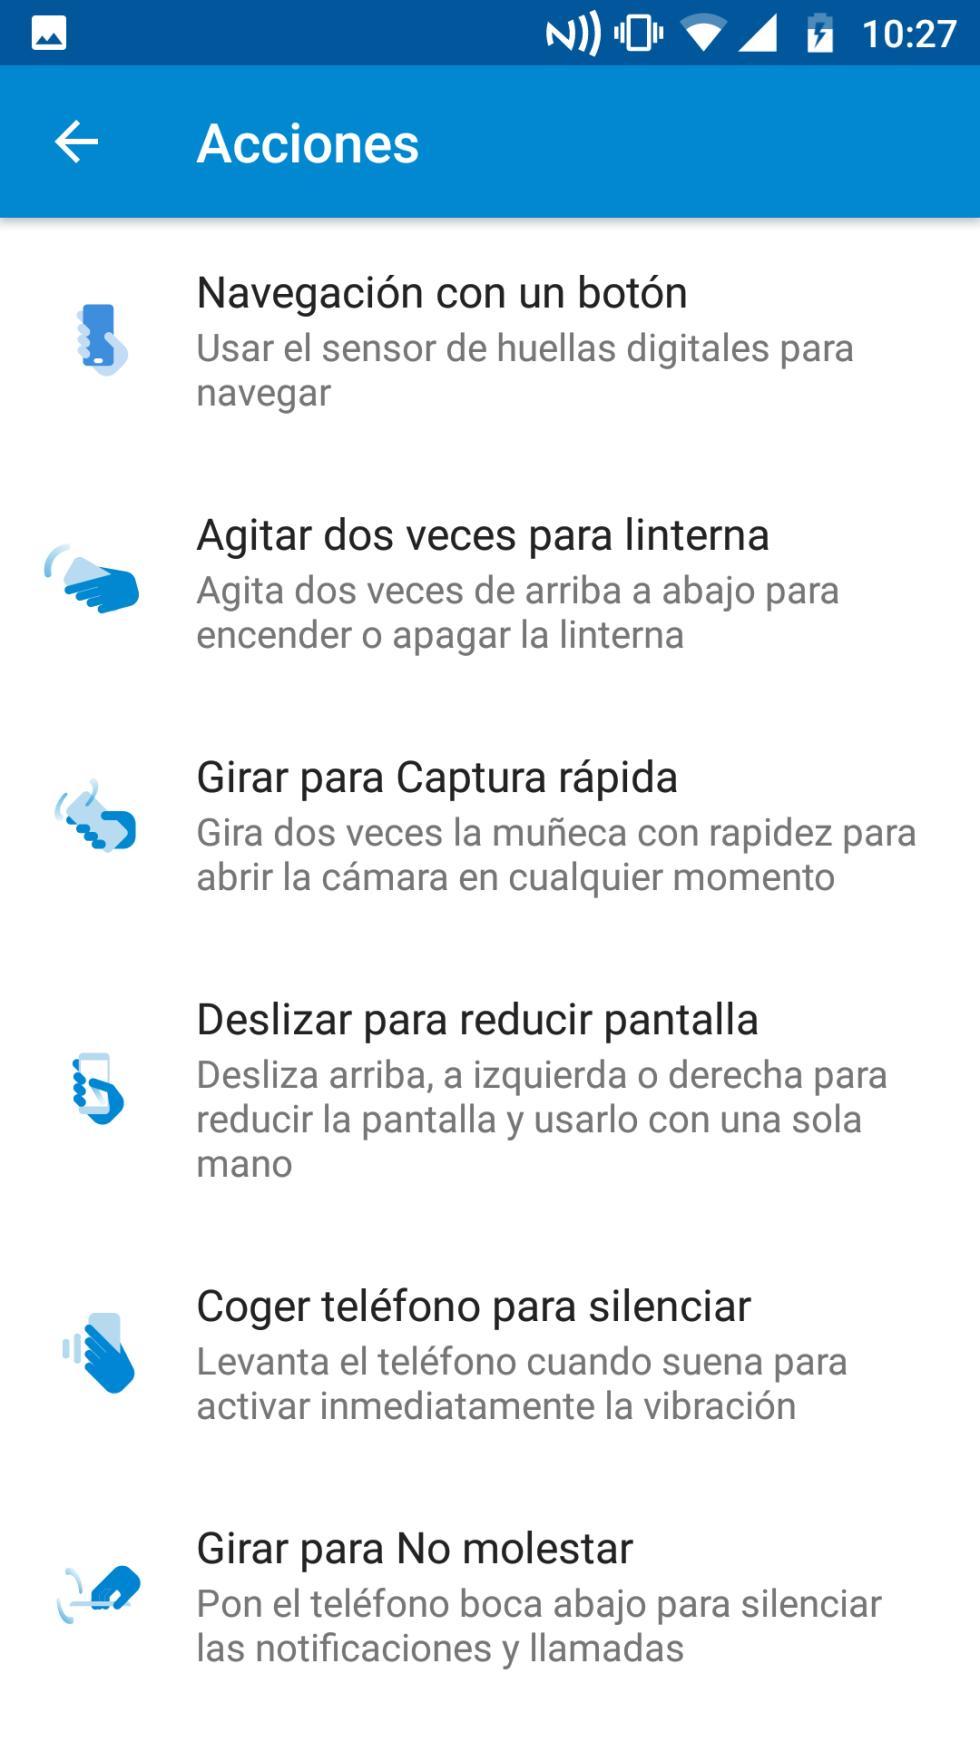 En esta aplicación podemos asociar diferentes funciones a gestos tales como, por ejemplo, agitar el teléfono